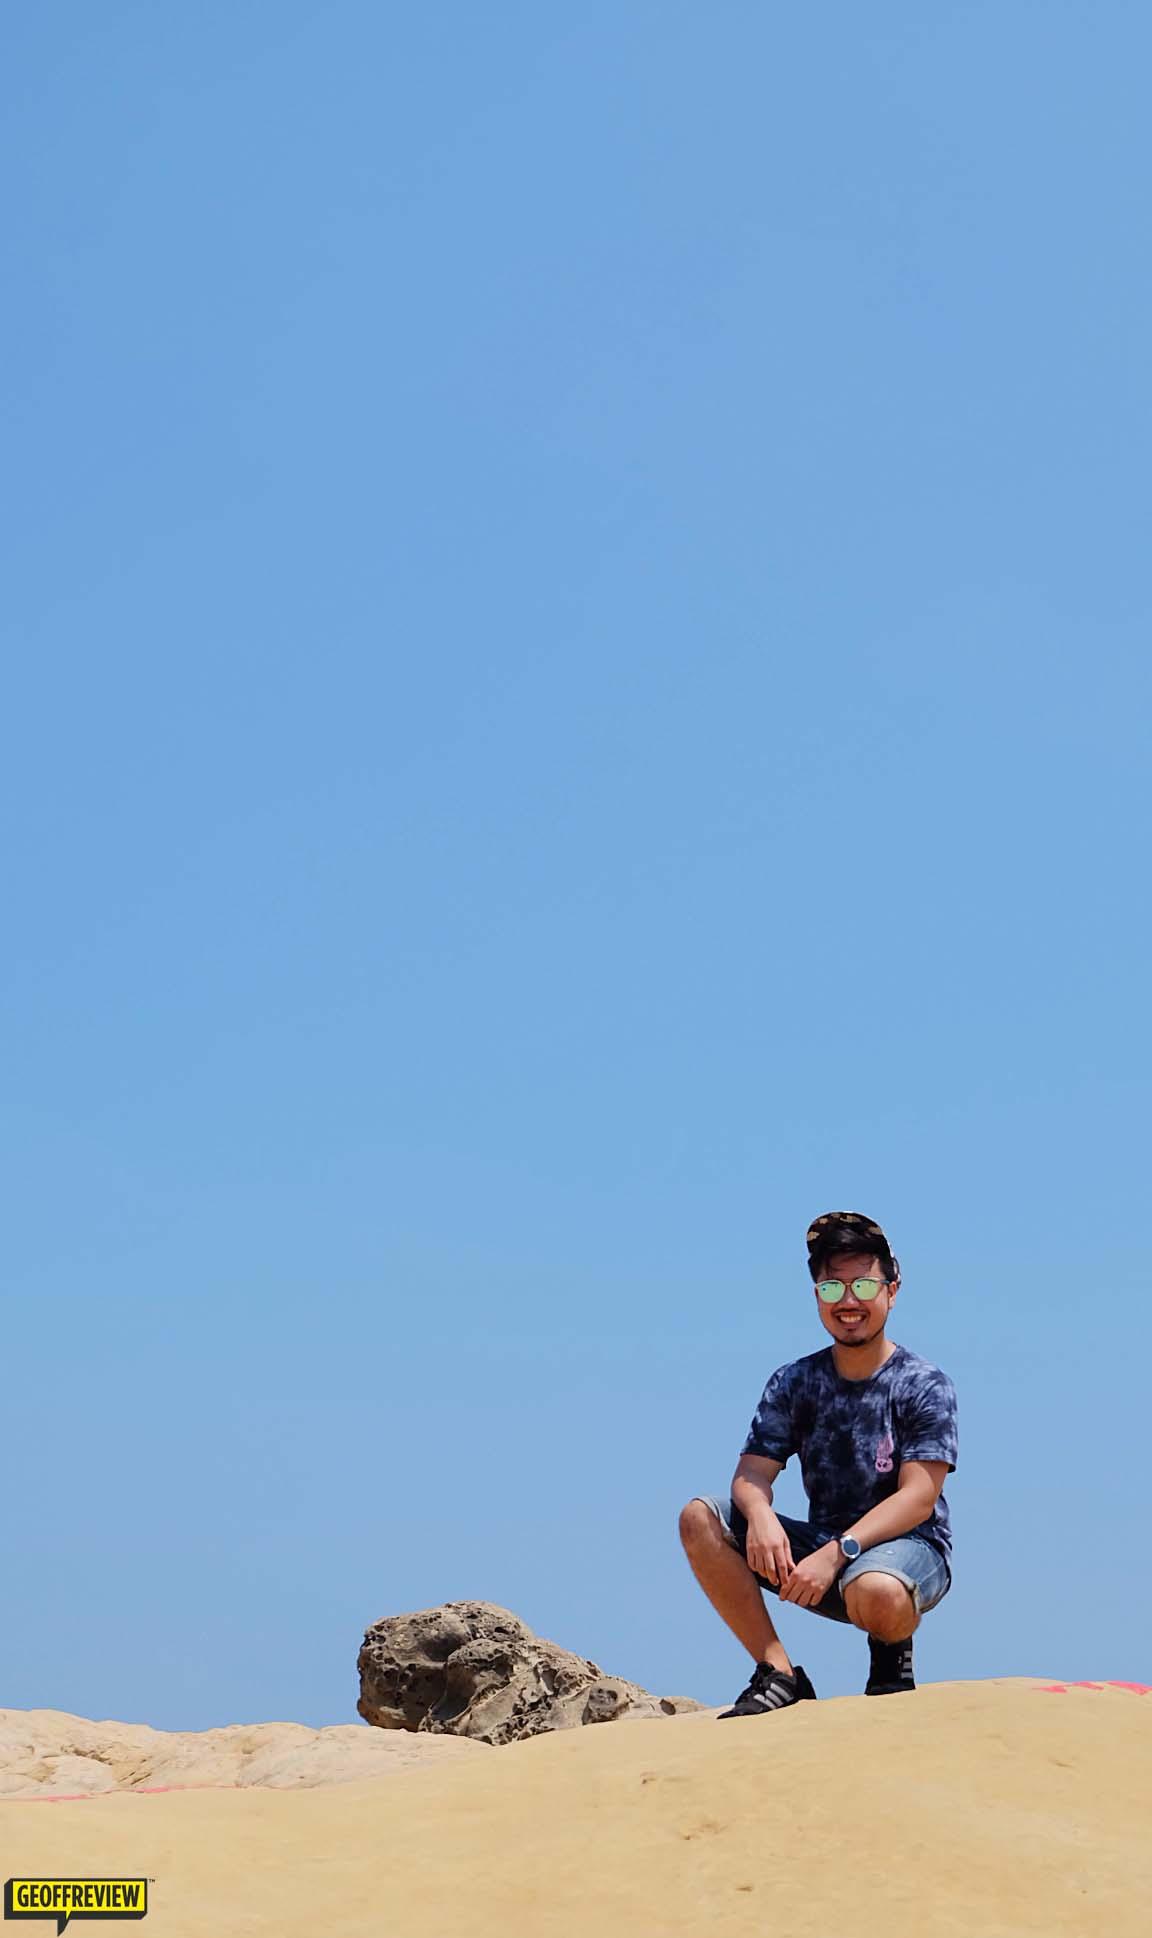 taiwan tourist